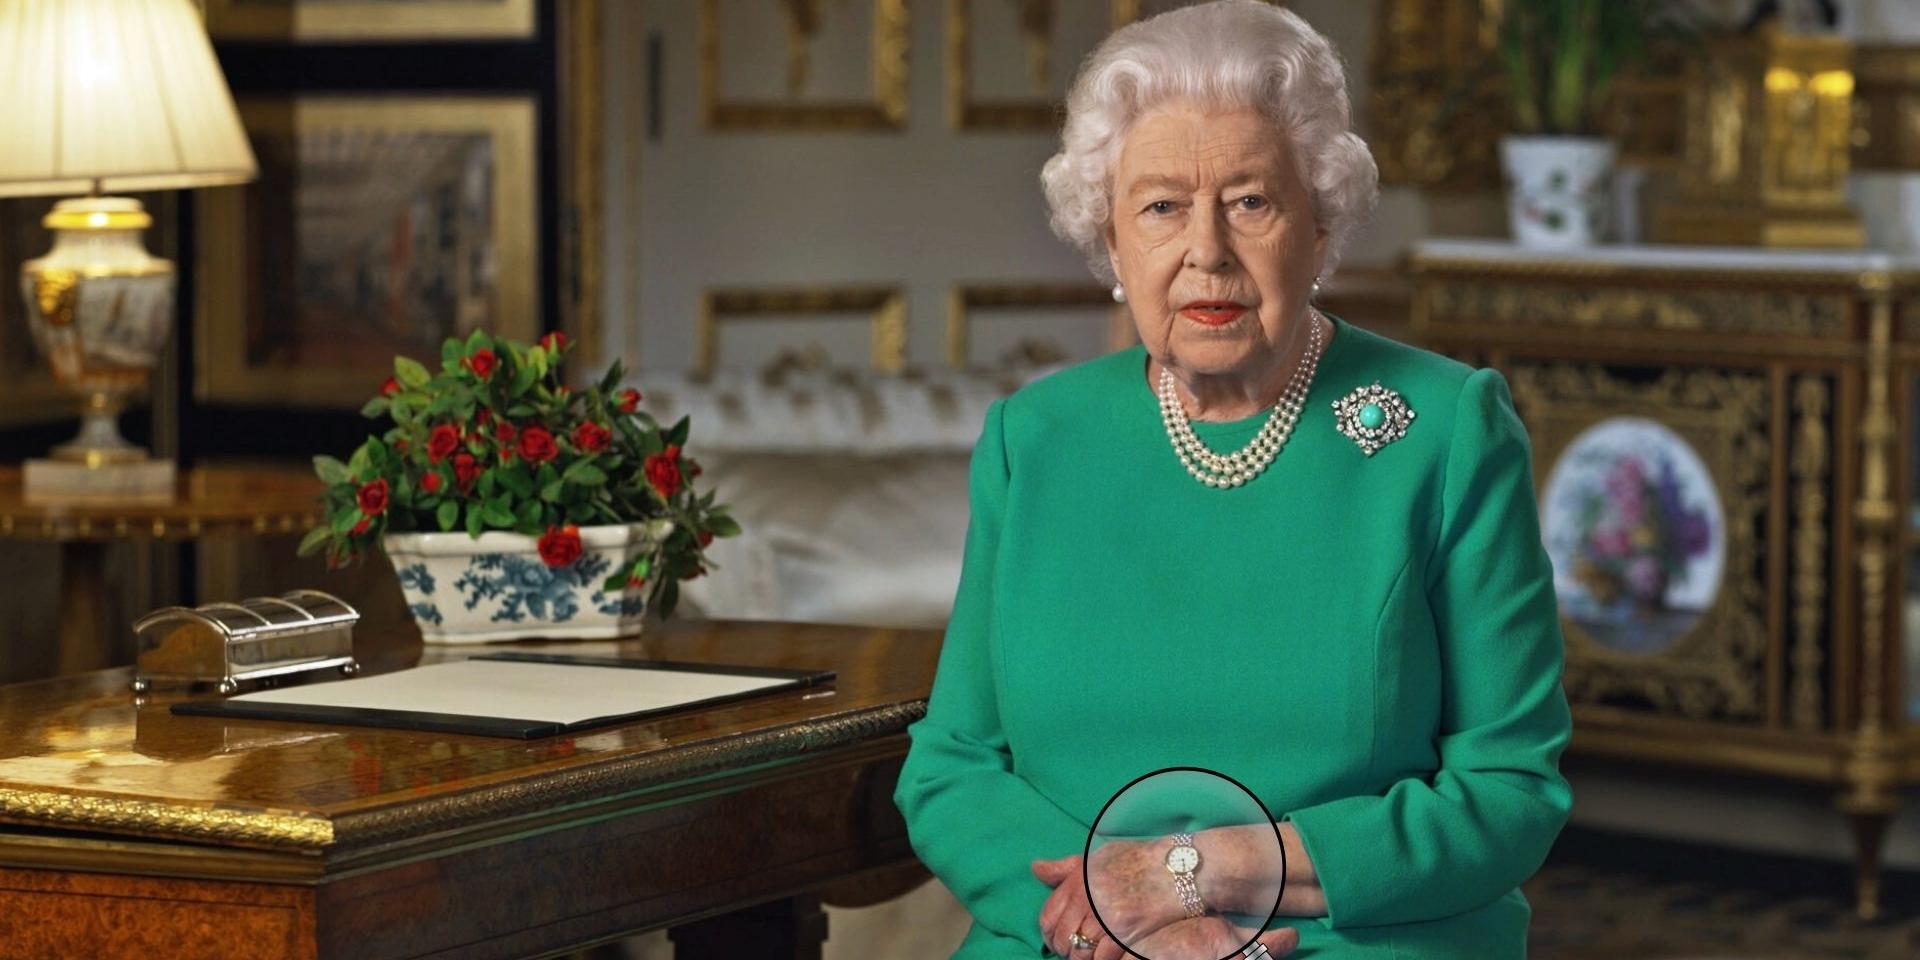 Watch Spotting: Queen Elizabeth II and her Patek Philippe